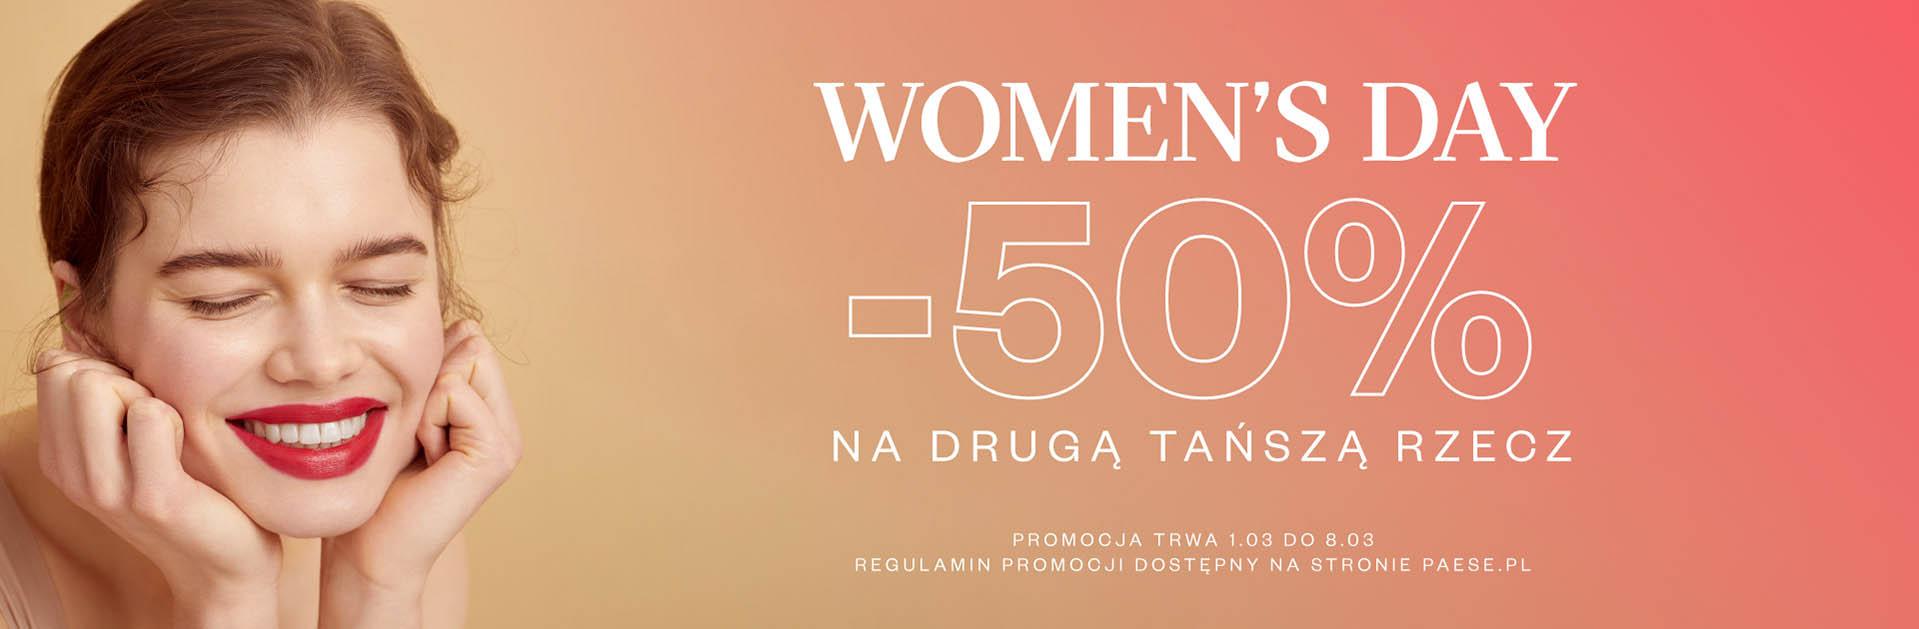 Paese Paese: 50% rabatu na drugi, tańszy kosmetyk - Dzień Kobiet